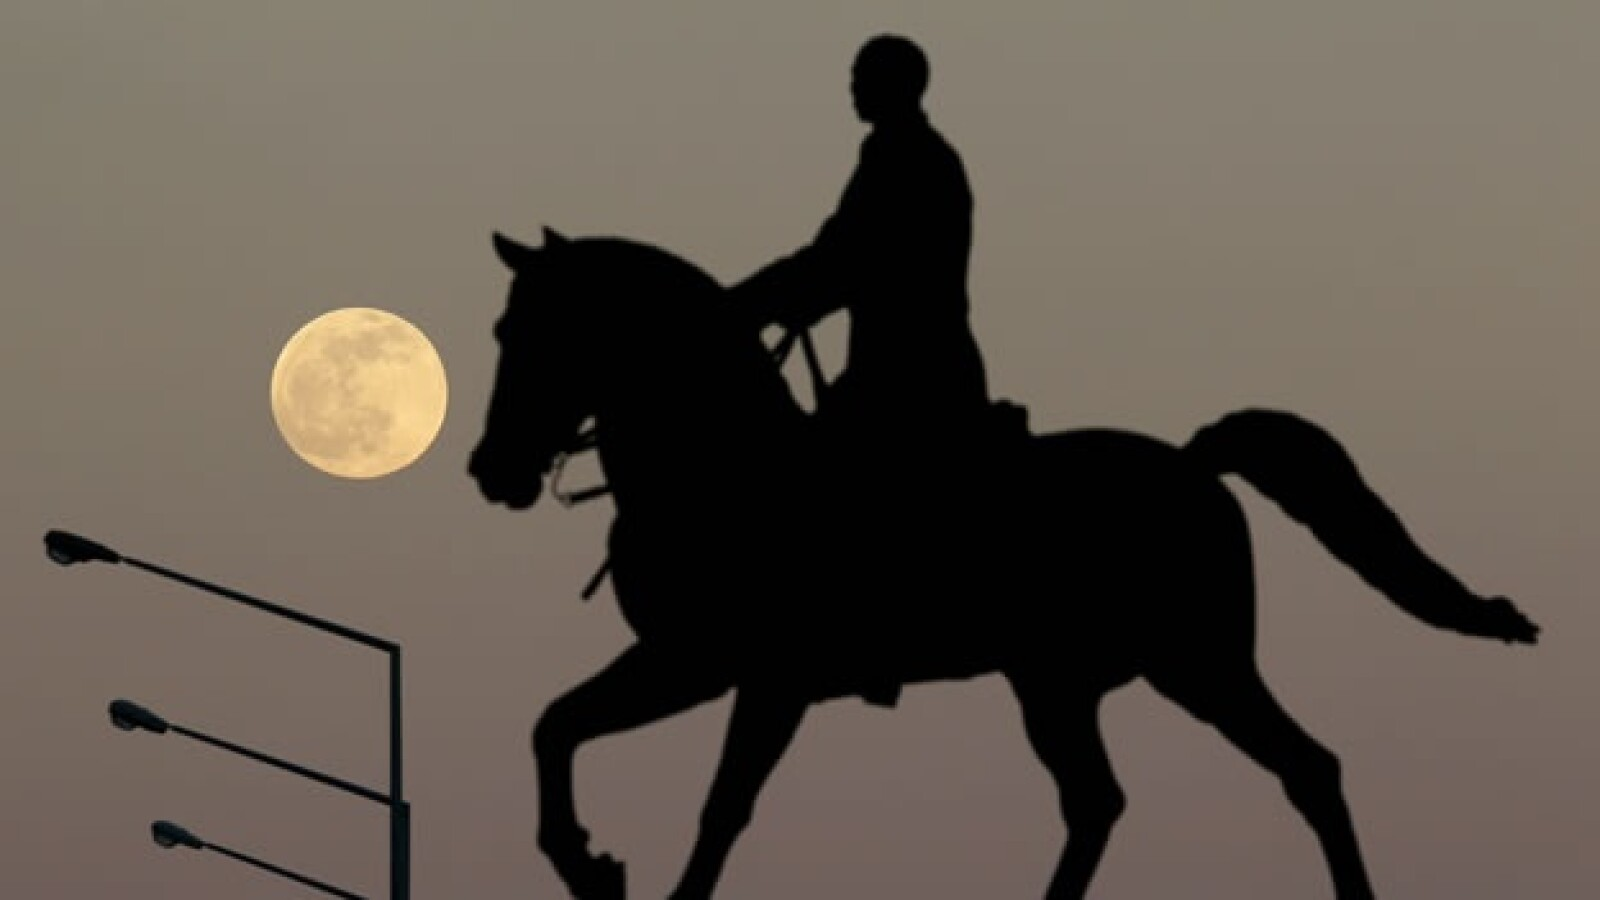 Eclipse total de luna visto desde La Habana